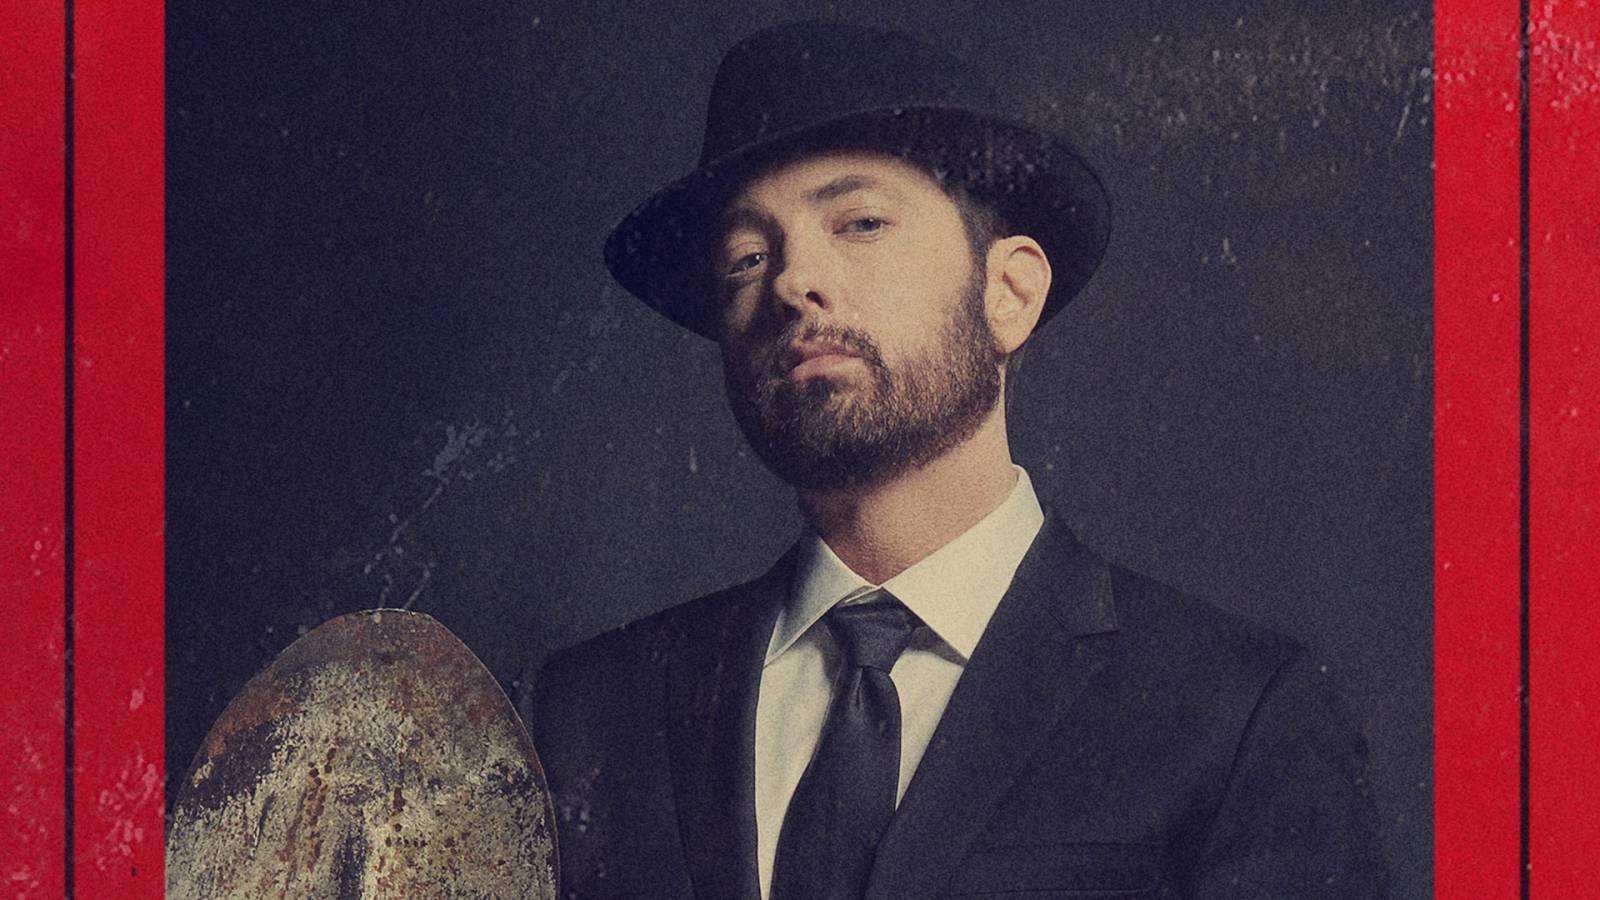 Eminem nečekaně vydal nové album. Hostuje na něm i Ed Sheeran a vyvolalo několik kontroverzí